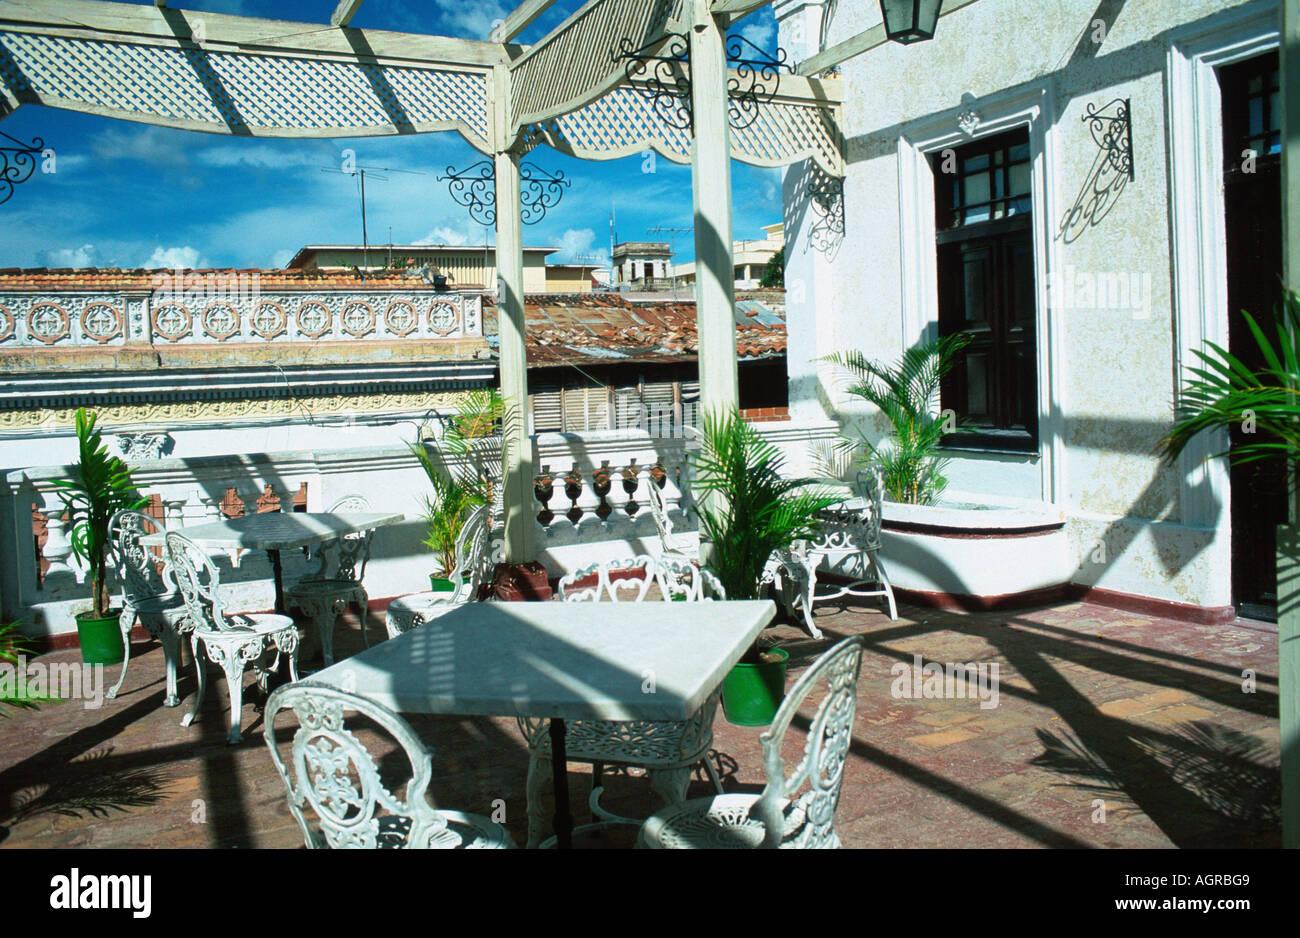 Best Terrazza Sul Tetto Definizione Contemporary - Home Design ...